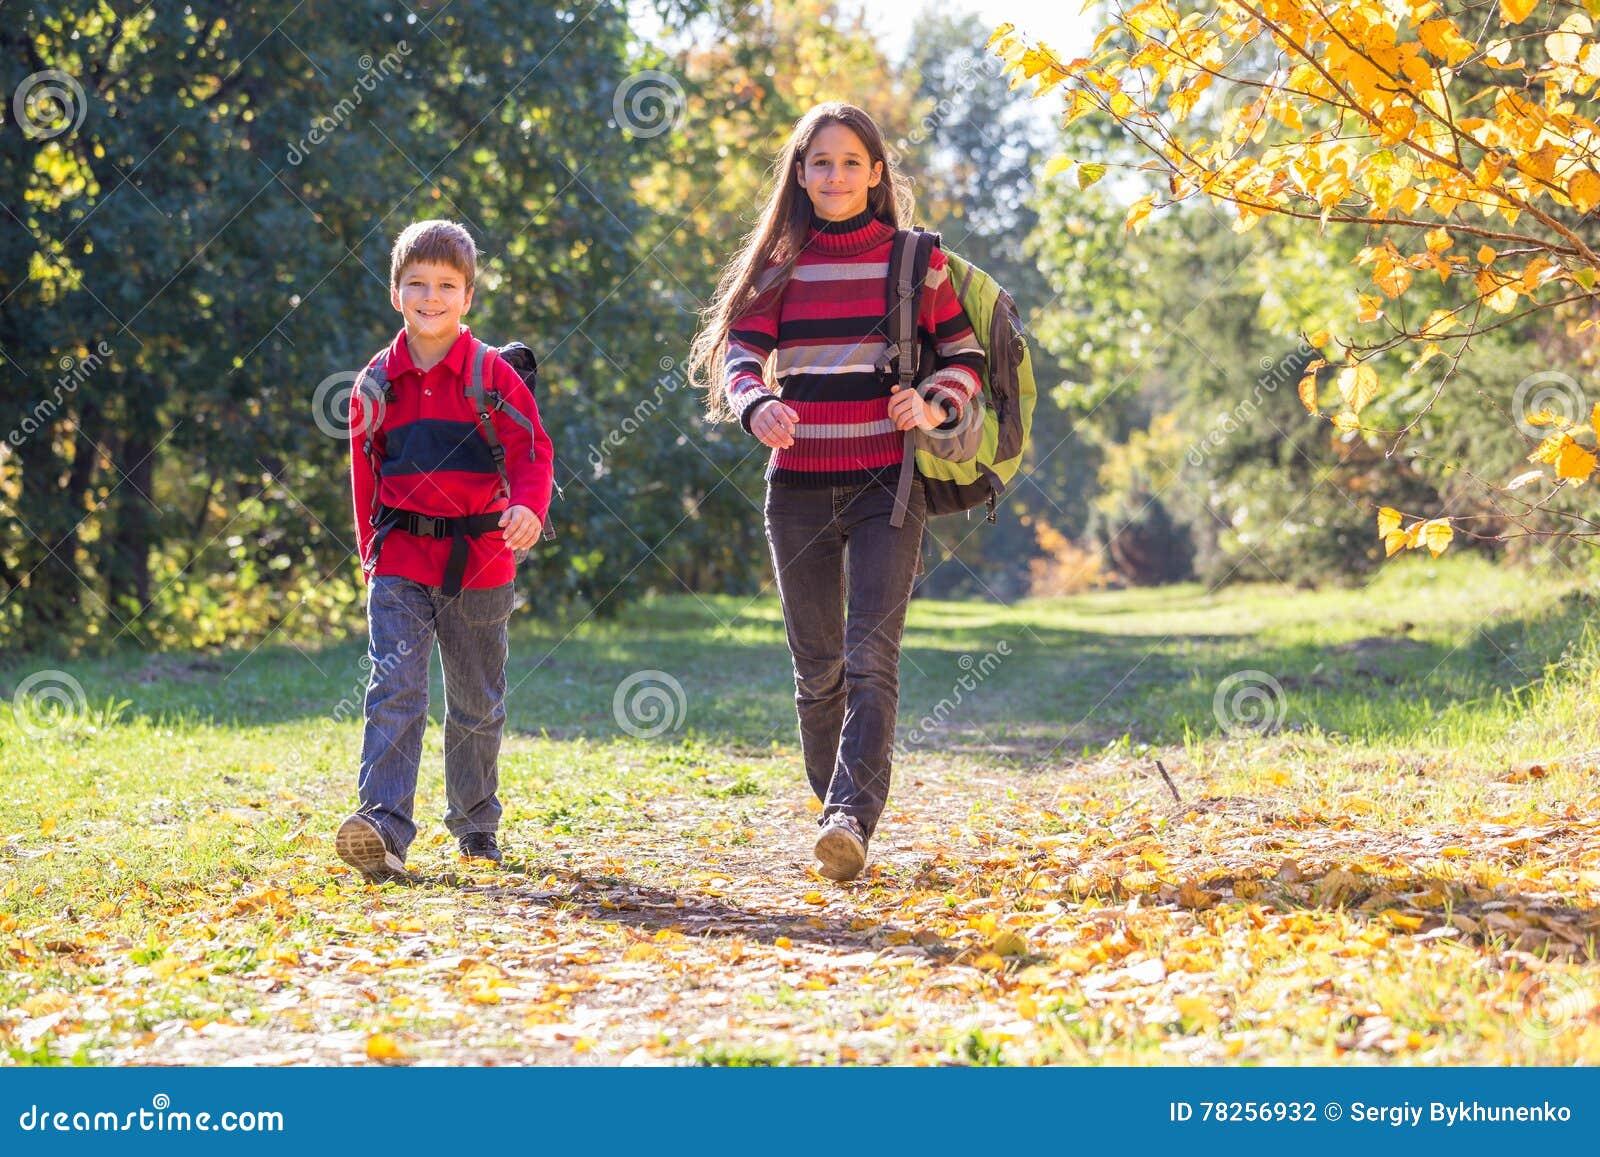 Δύο παιδιά που περπατούν στο δάσος φθινοπώρου με τα σακίδια πλάτης